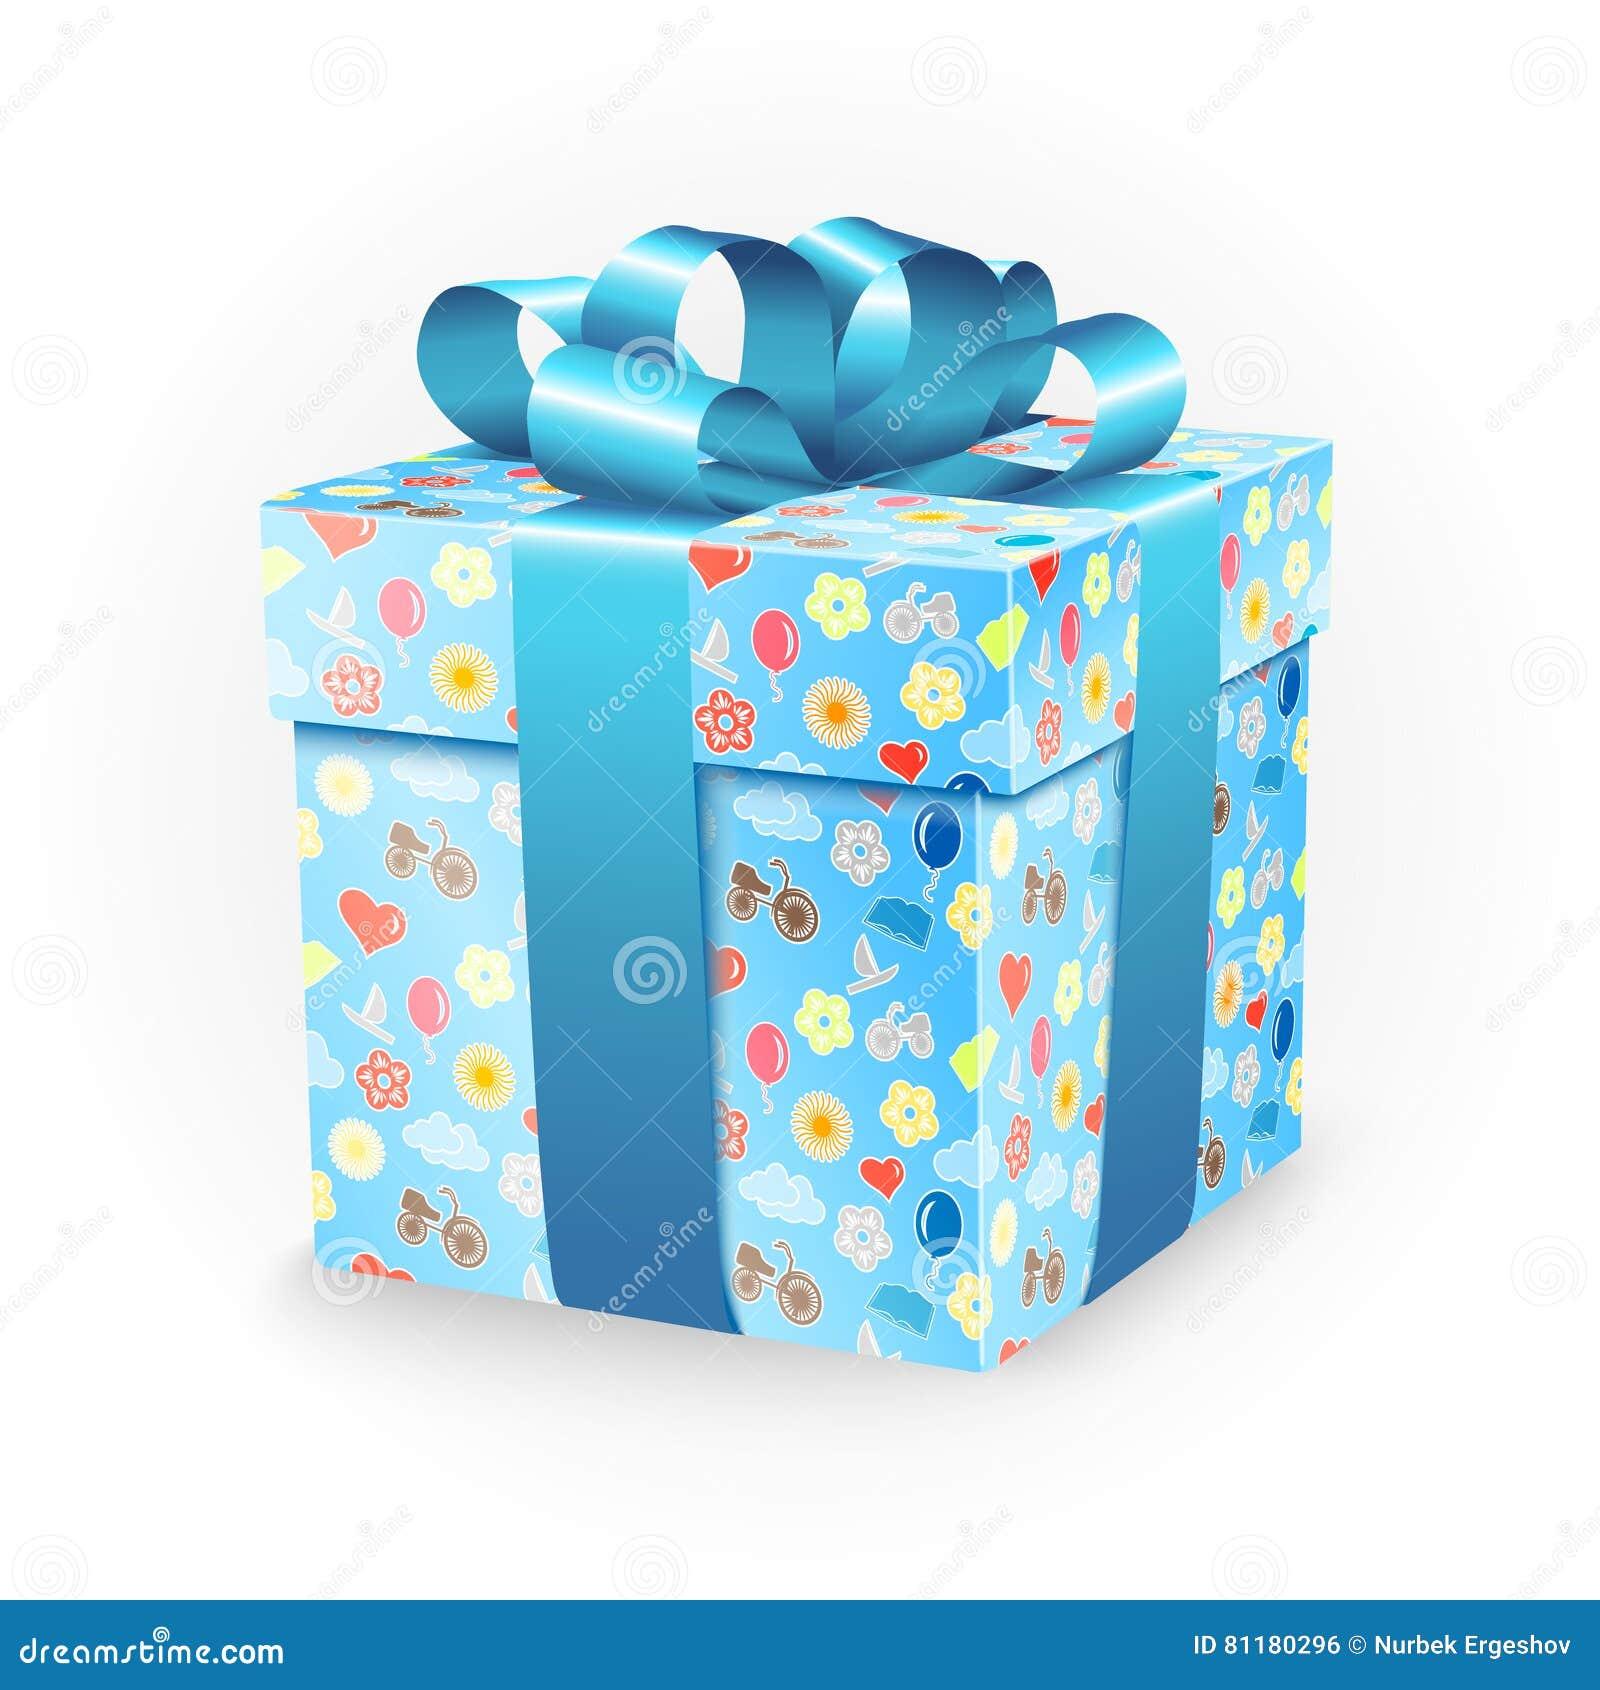 Подарочная коробка с элементами детства: велосипед, цветки, воздушные шары, шлюпка, сердце, солнце, облака и лента обхватывают